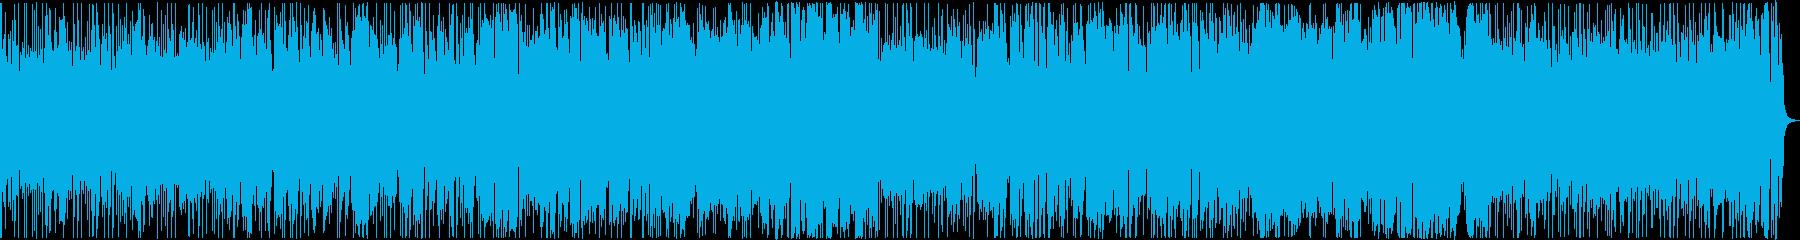 通販番組のような、ほのぼのした楽しい曲の再生済みの波形